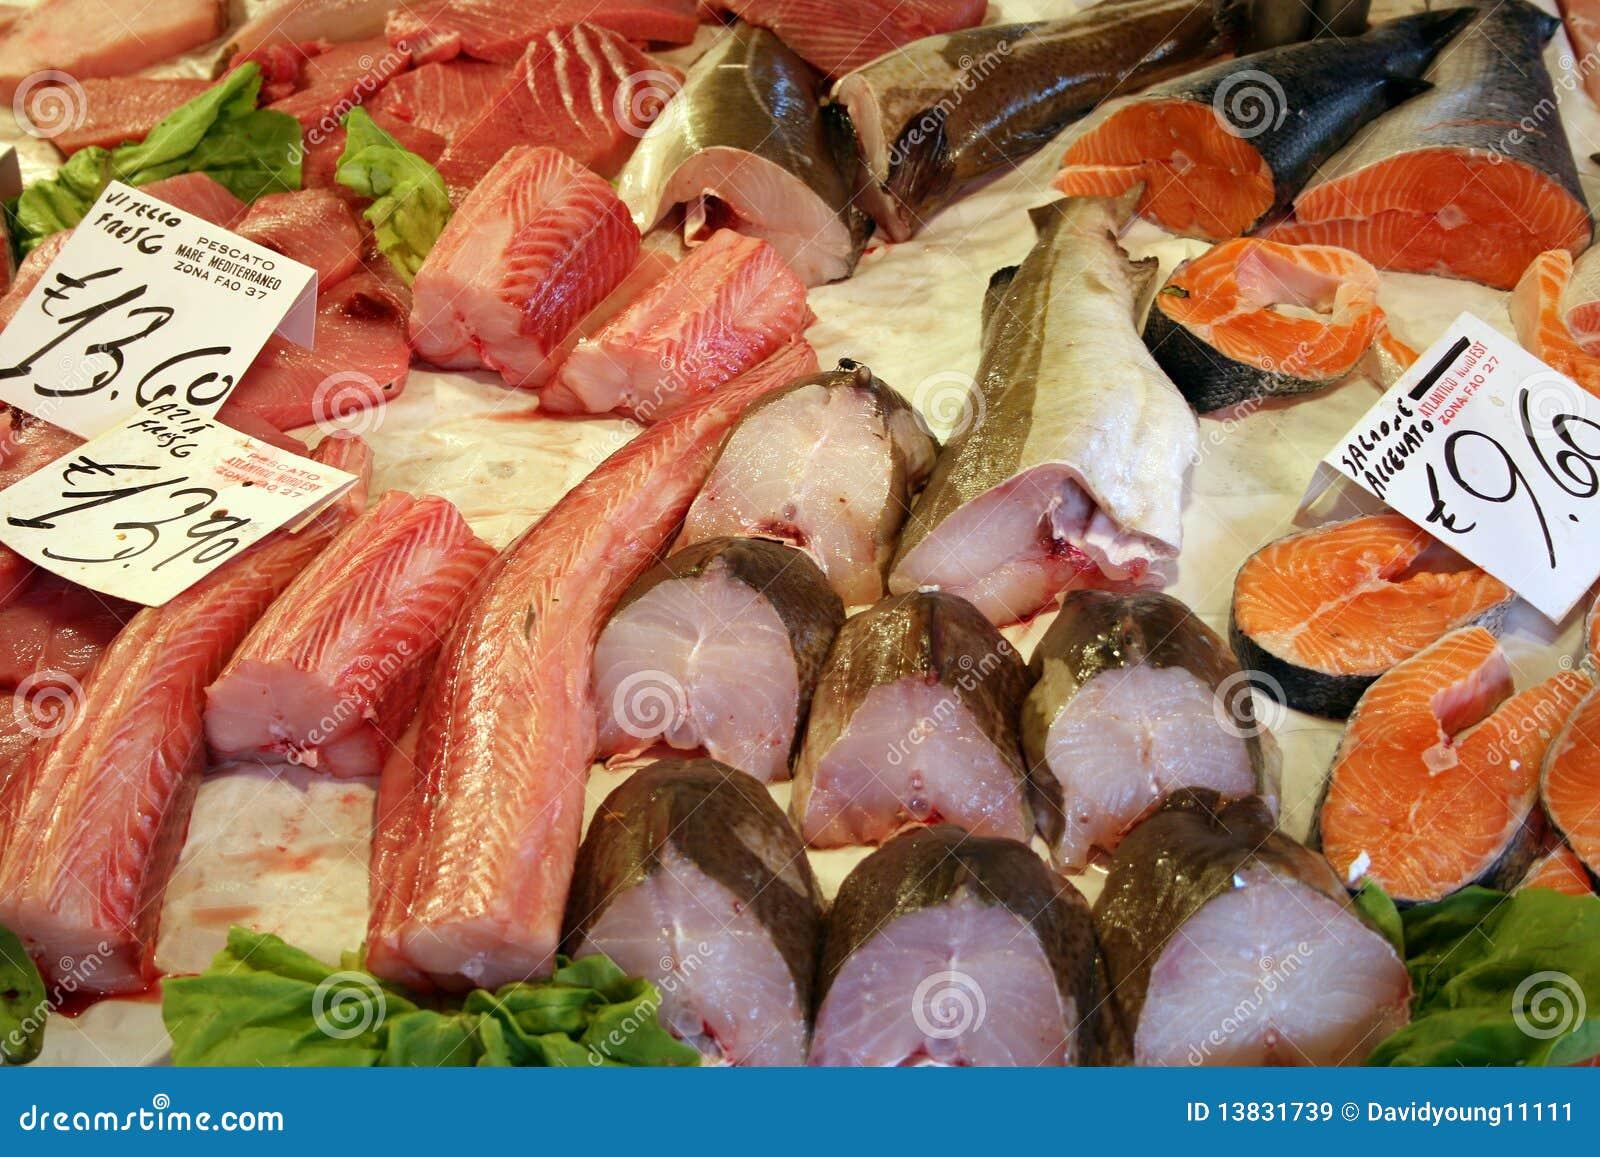 Fish market near rialto venice royalty free stock images for Nearest fresh fish market